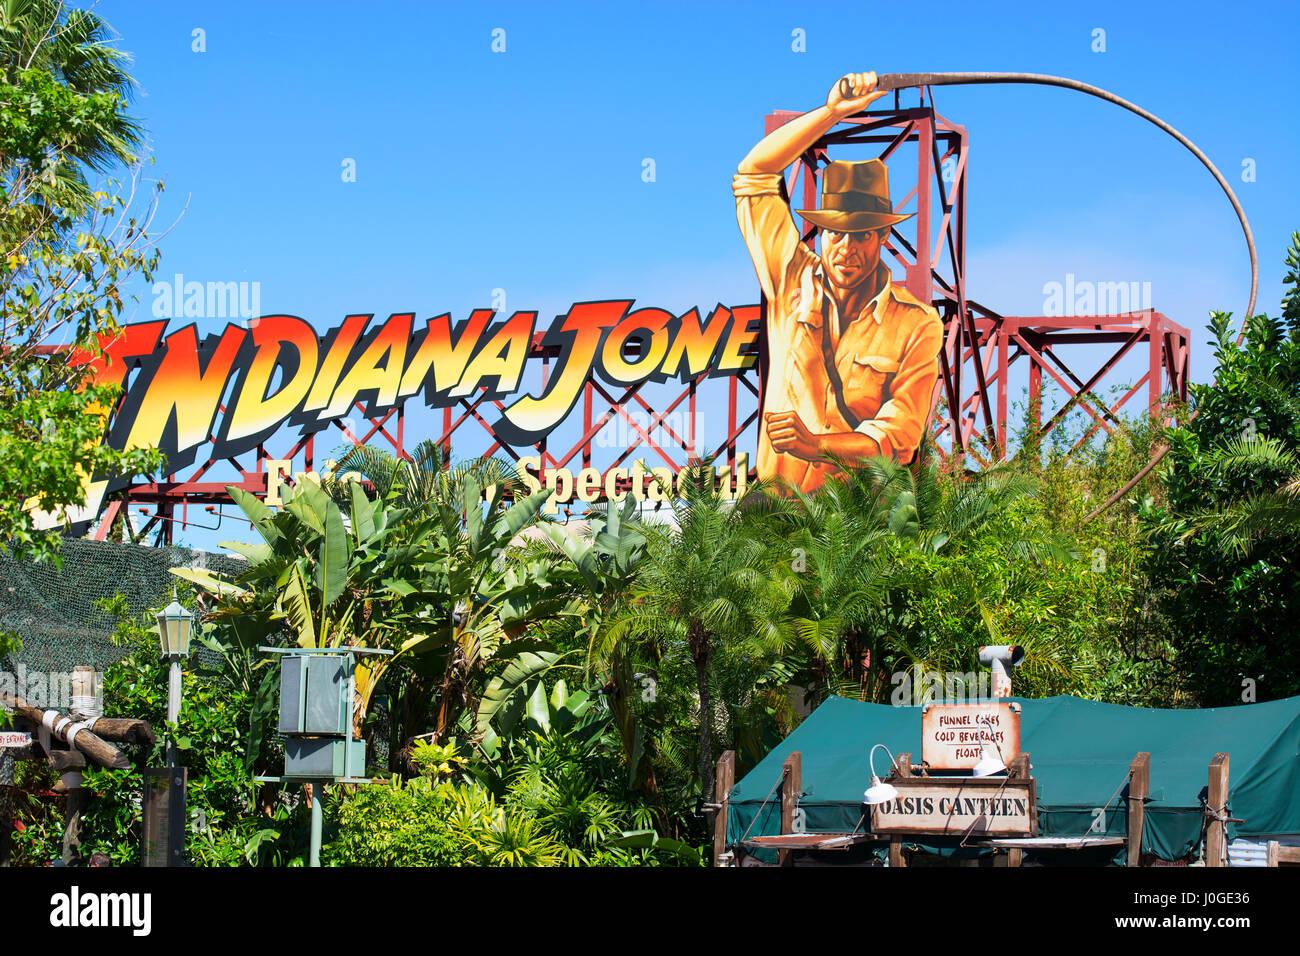 Indiana Jones Epic Stunt Spectacular, Hollywood Studios, Disney World, Orlando Florida - Stock Image